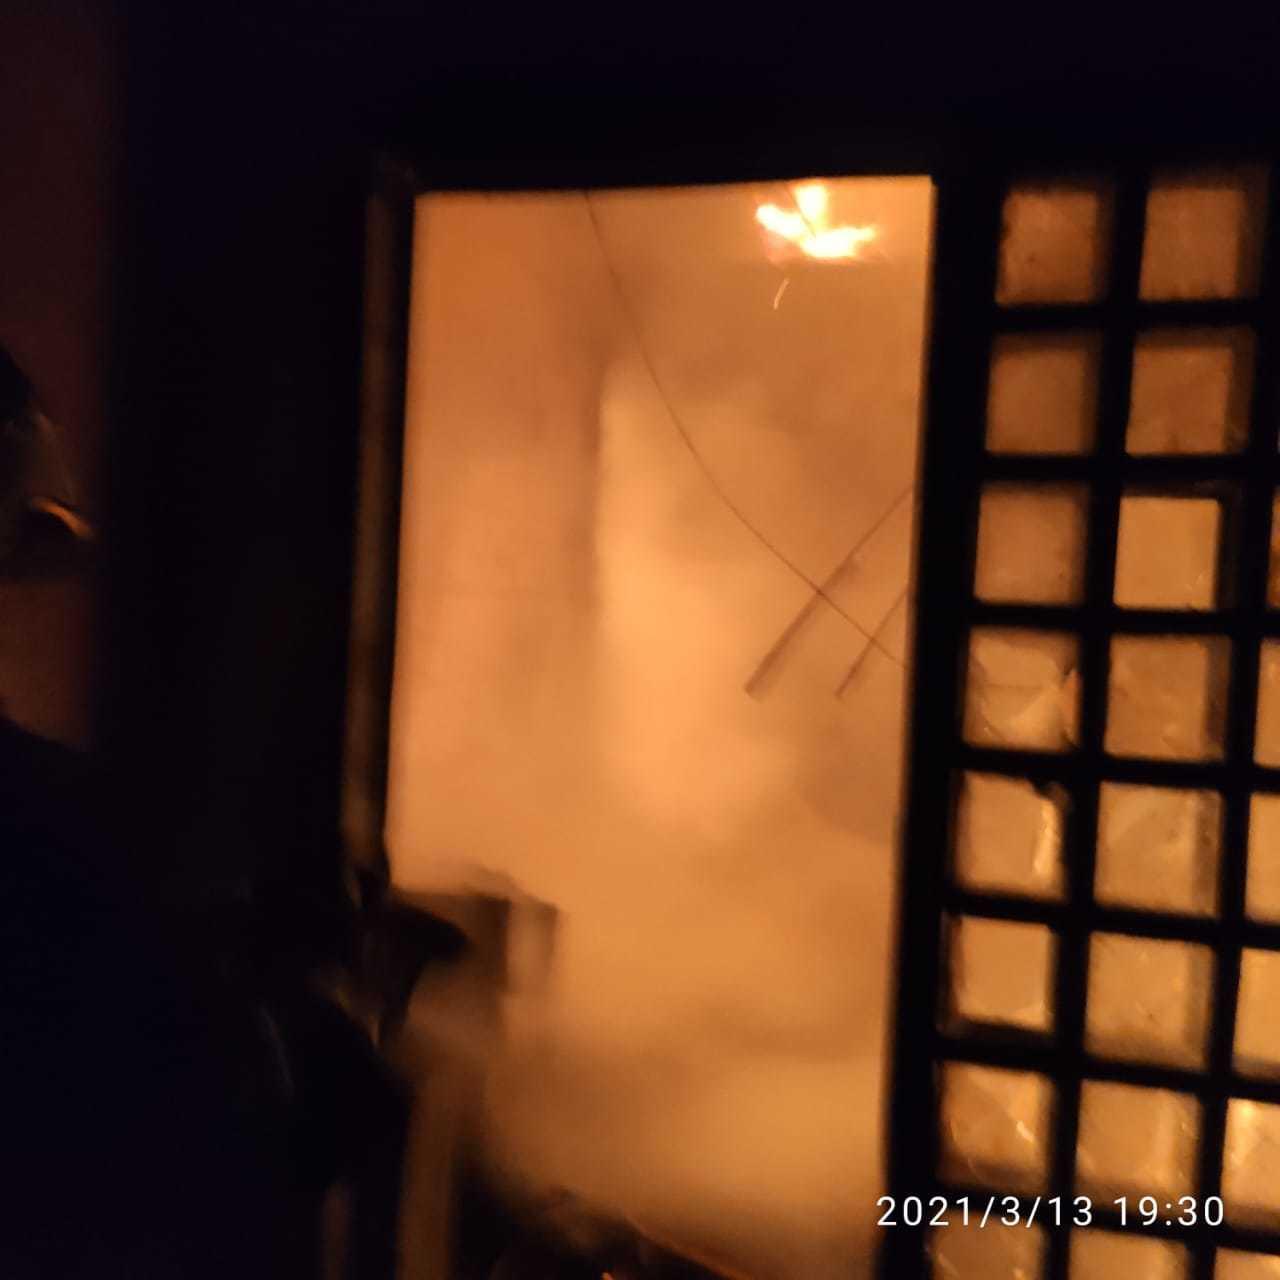 Imóvel ficou tomado por fogo e fumaça. (Foto: Corpo de Bombeiros)